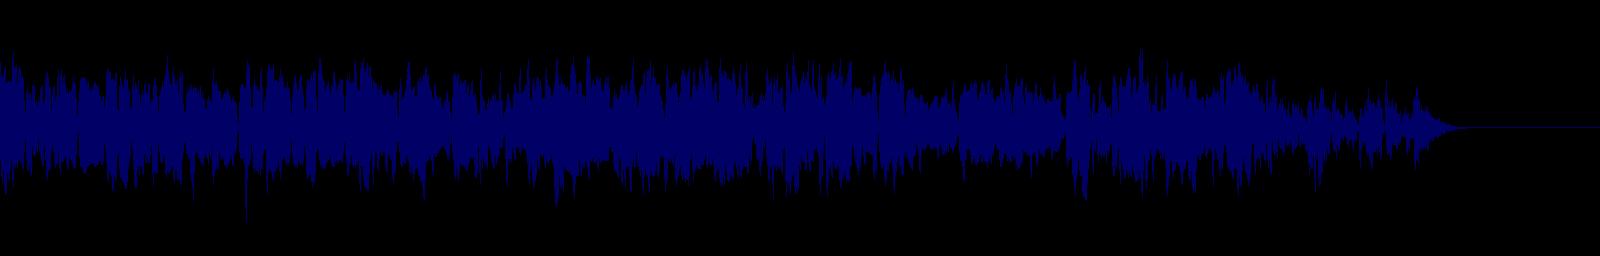 waveform of track #149188